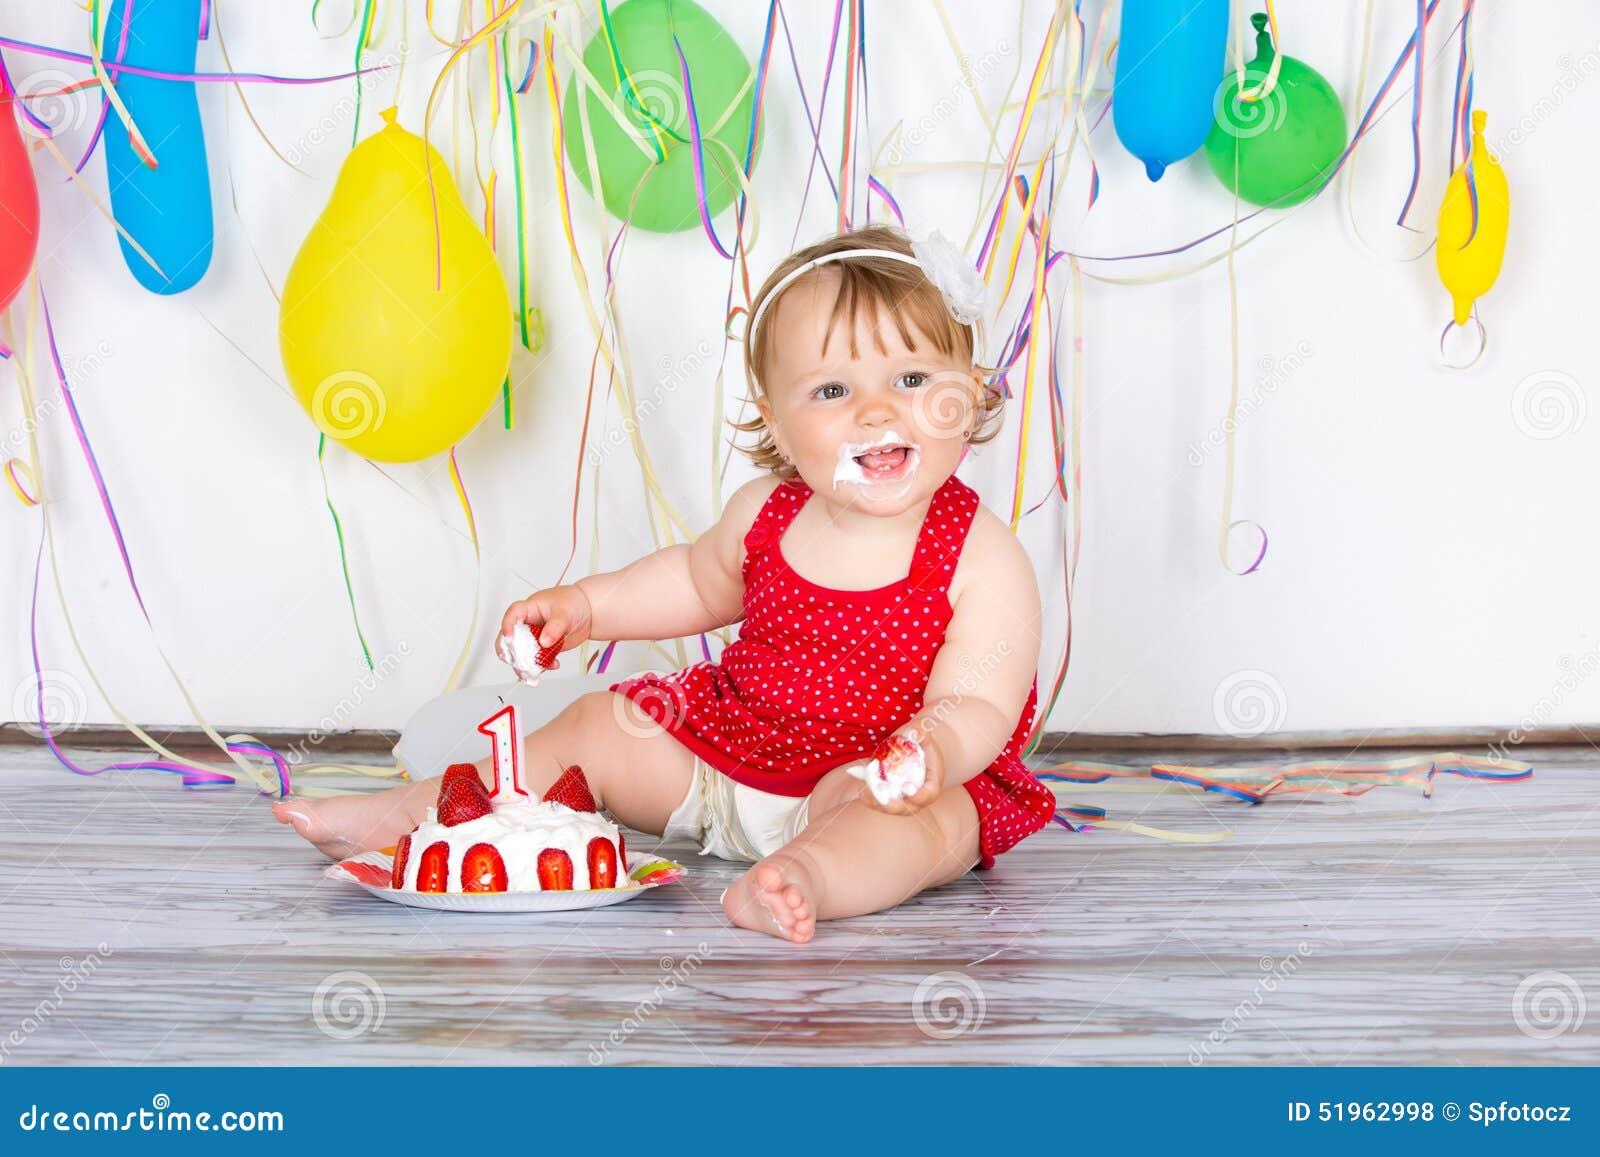 Bambino Di Buon Compleanno Fotografia Stock Immagine Di Attivita